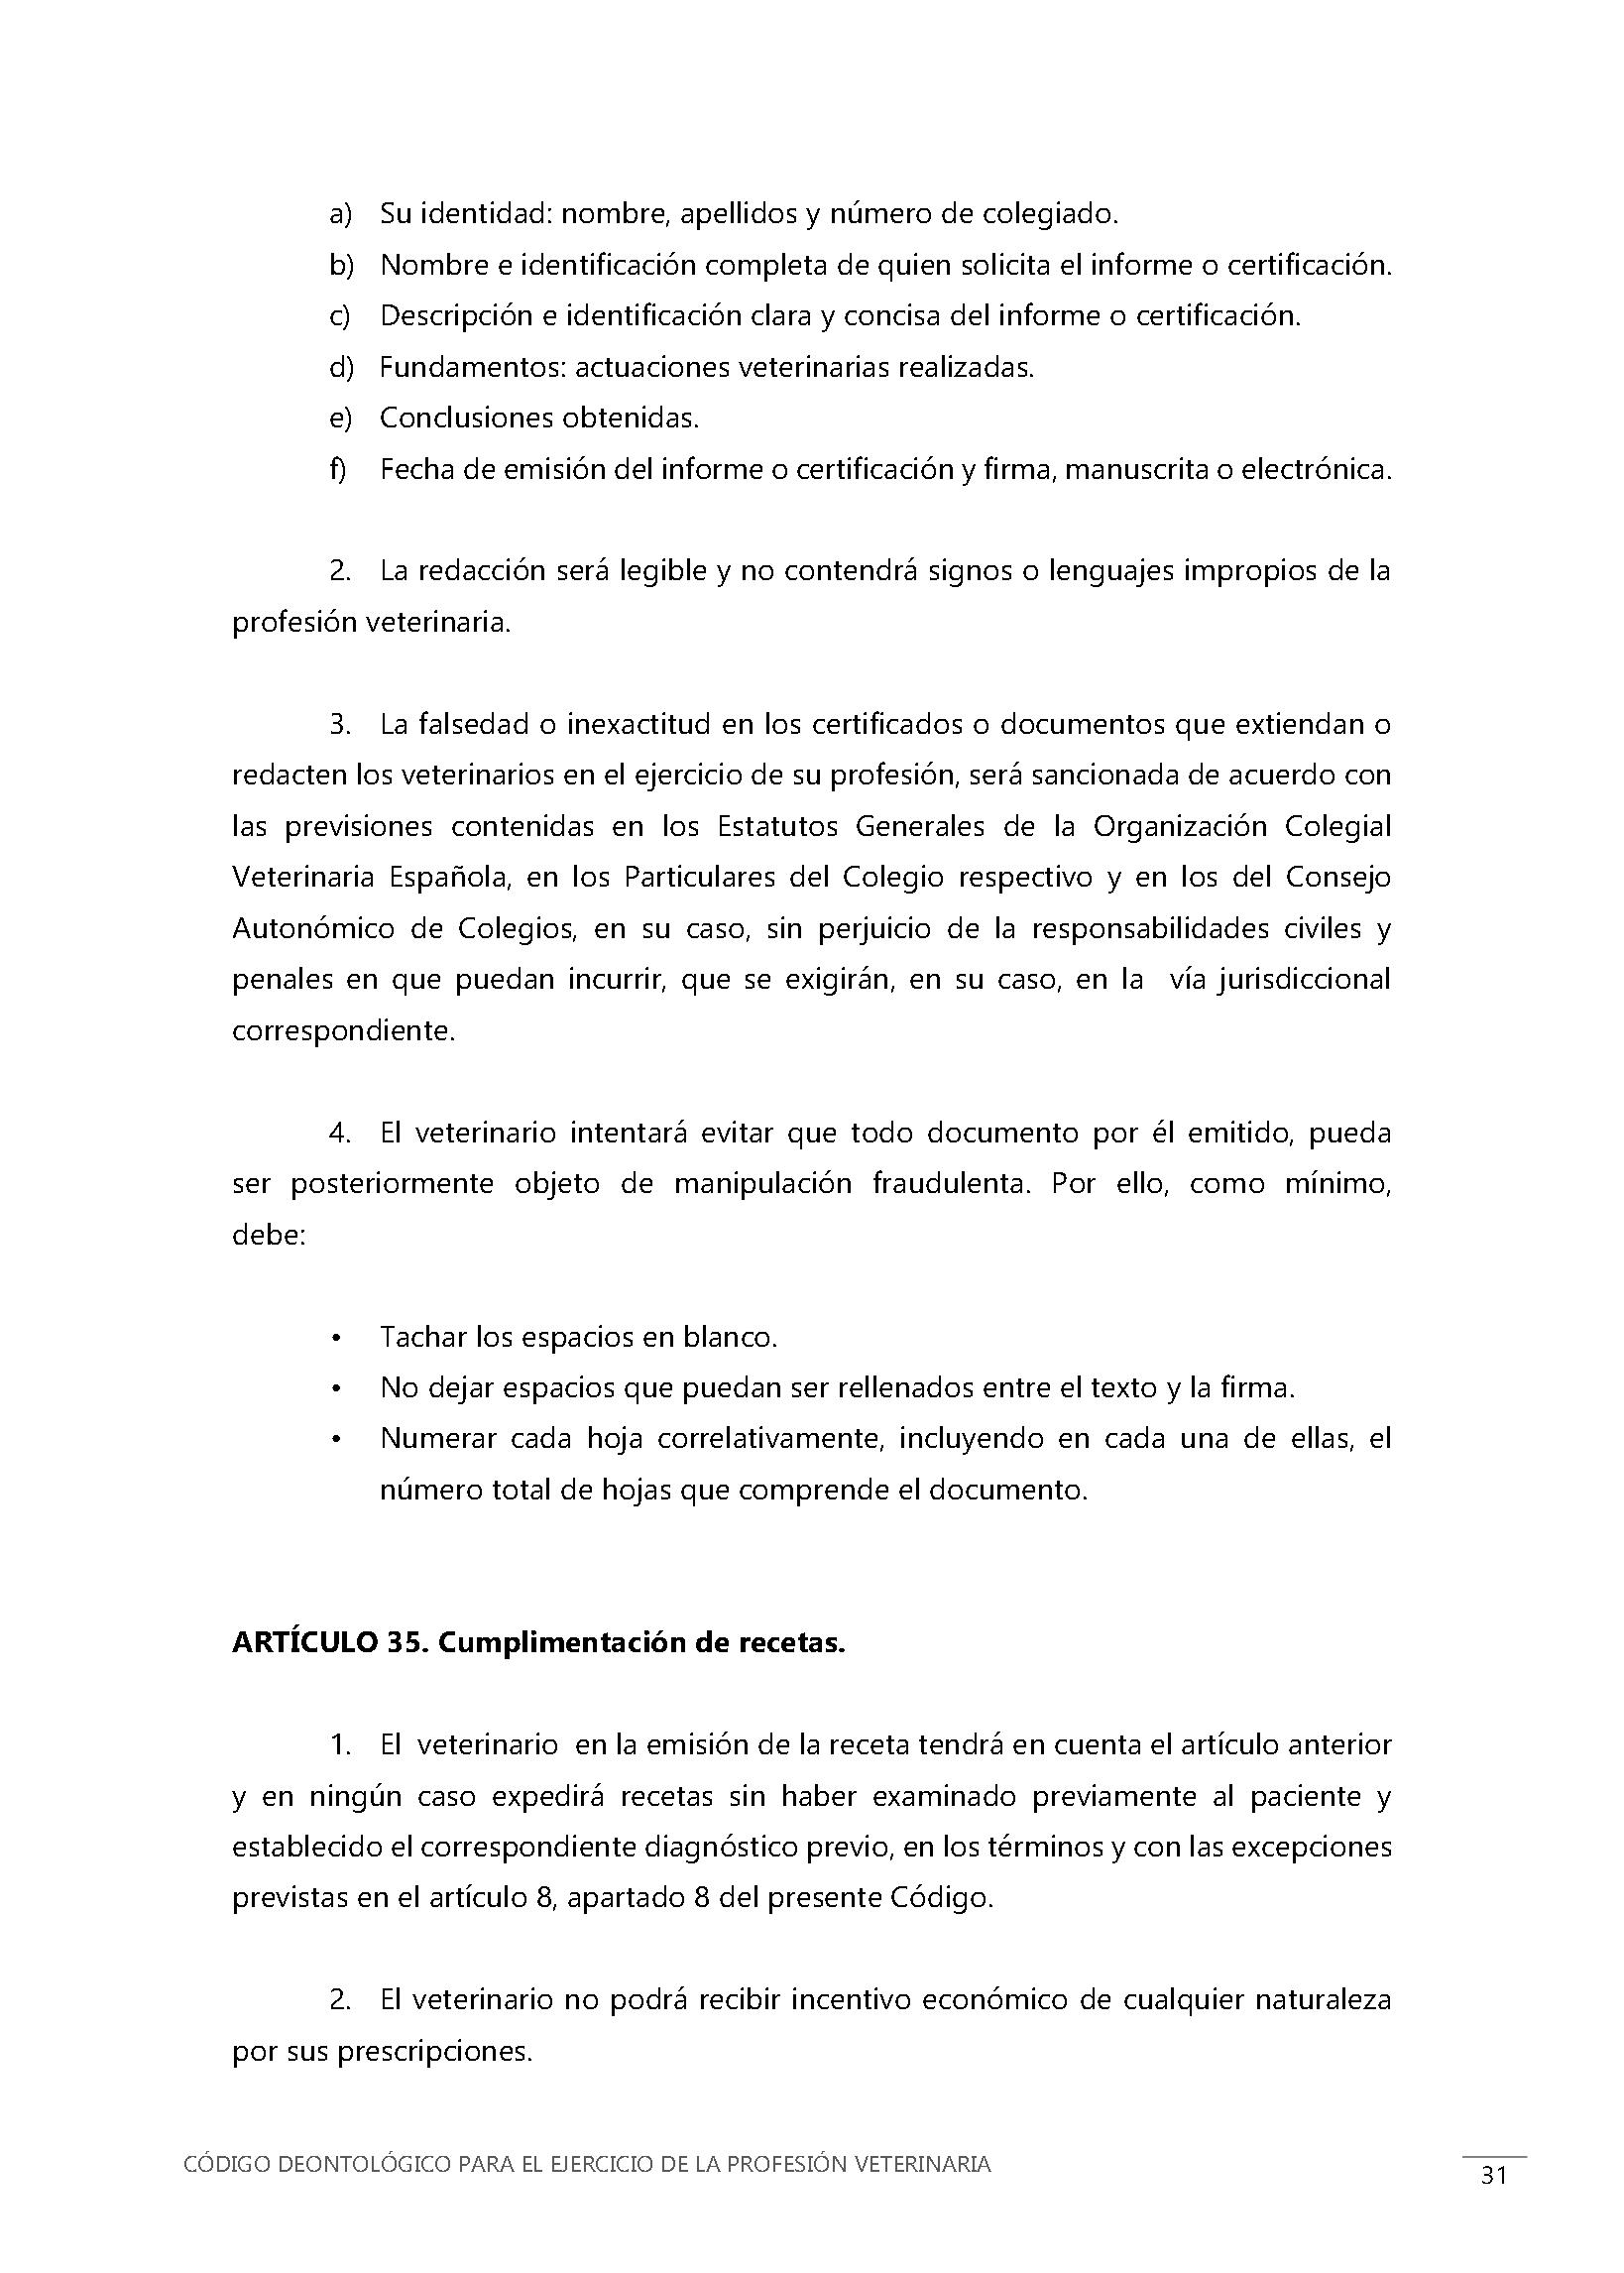 codigo deontológico dic 2018_Página_33